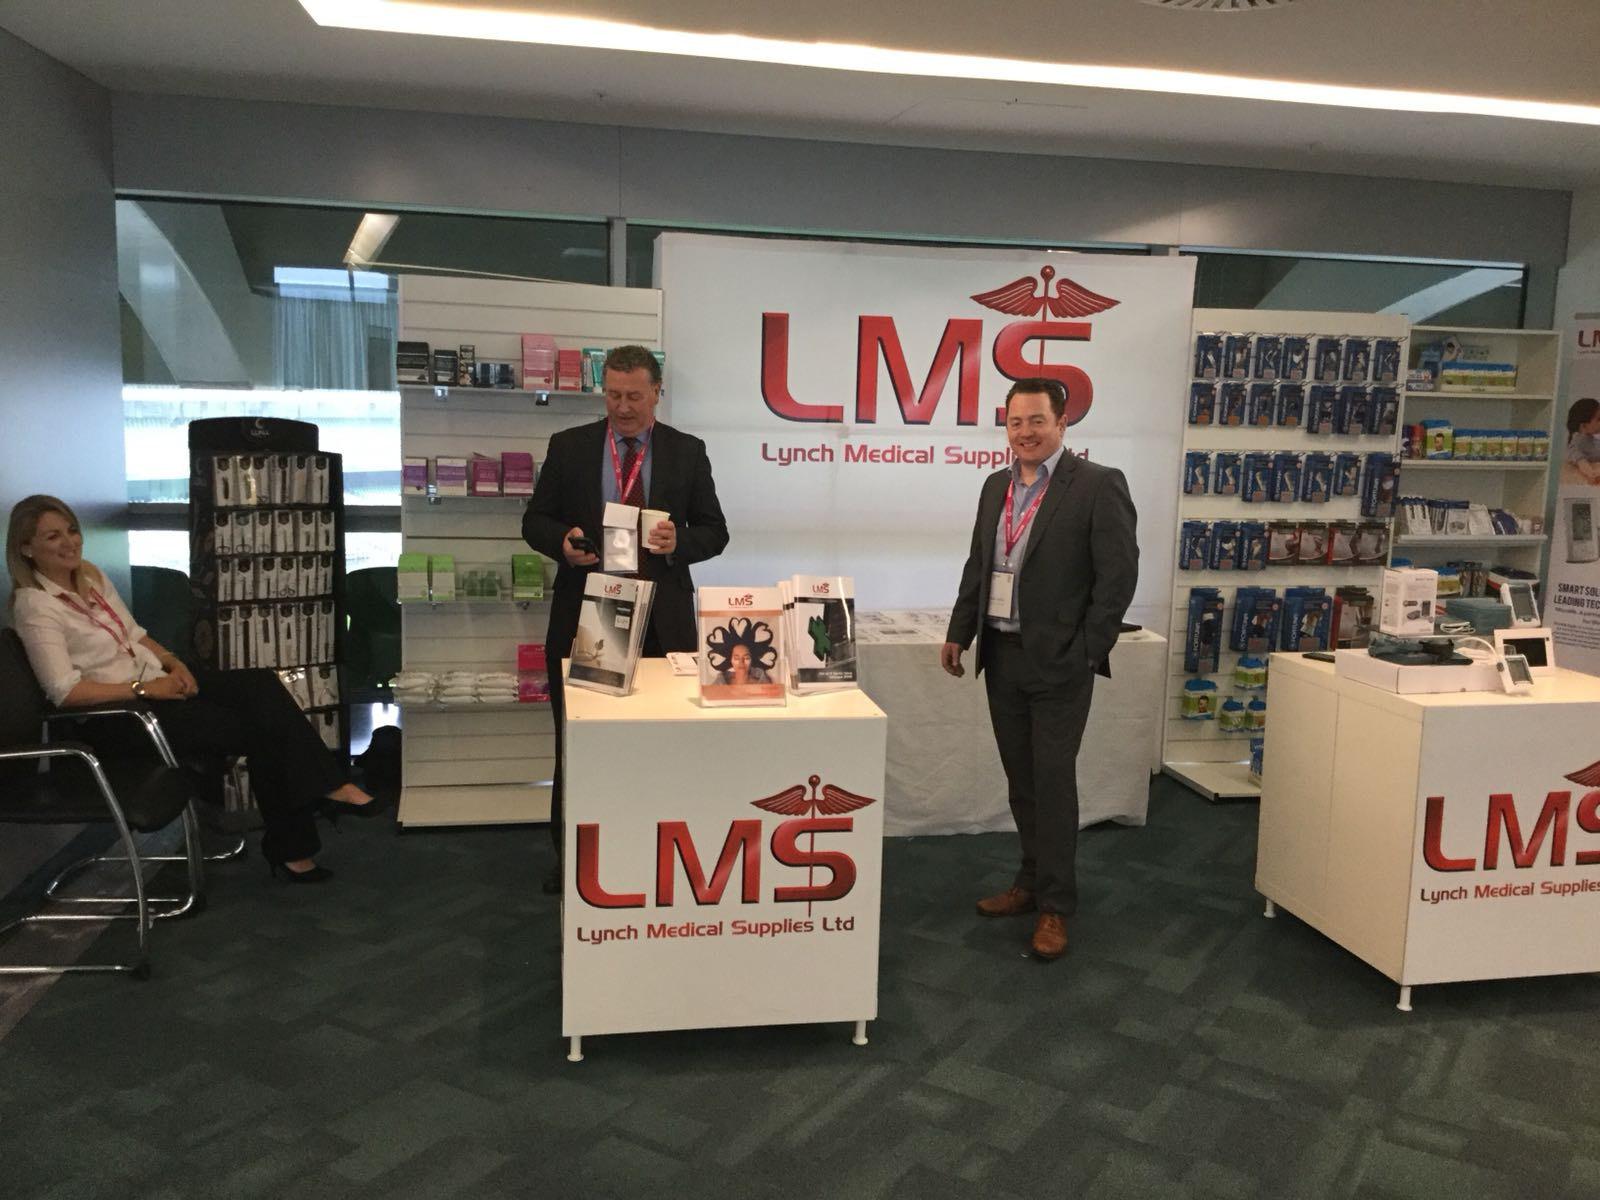 SSC - Lynch Medical Supplies